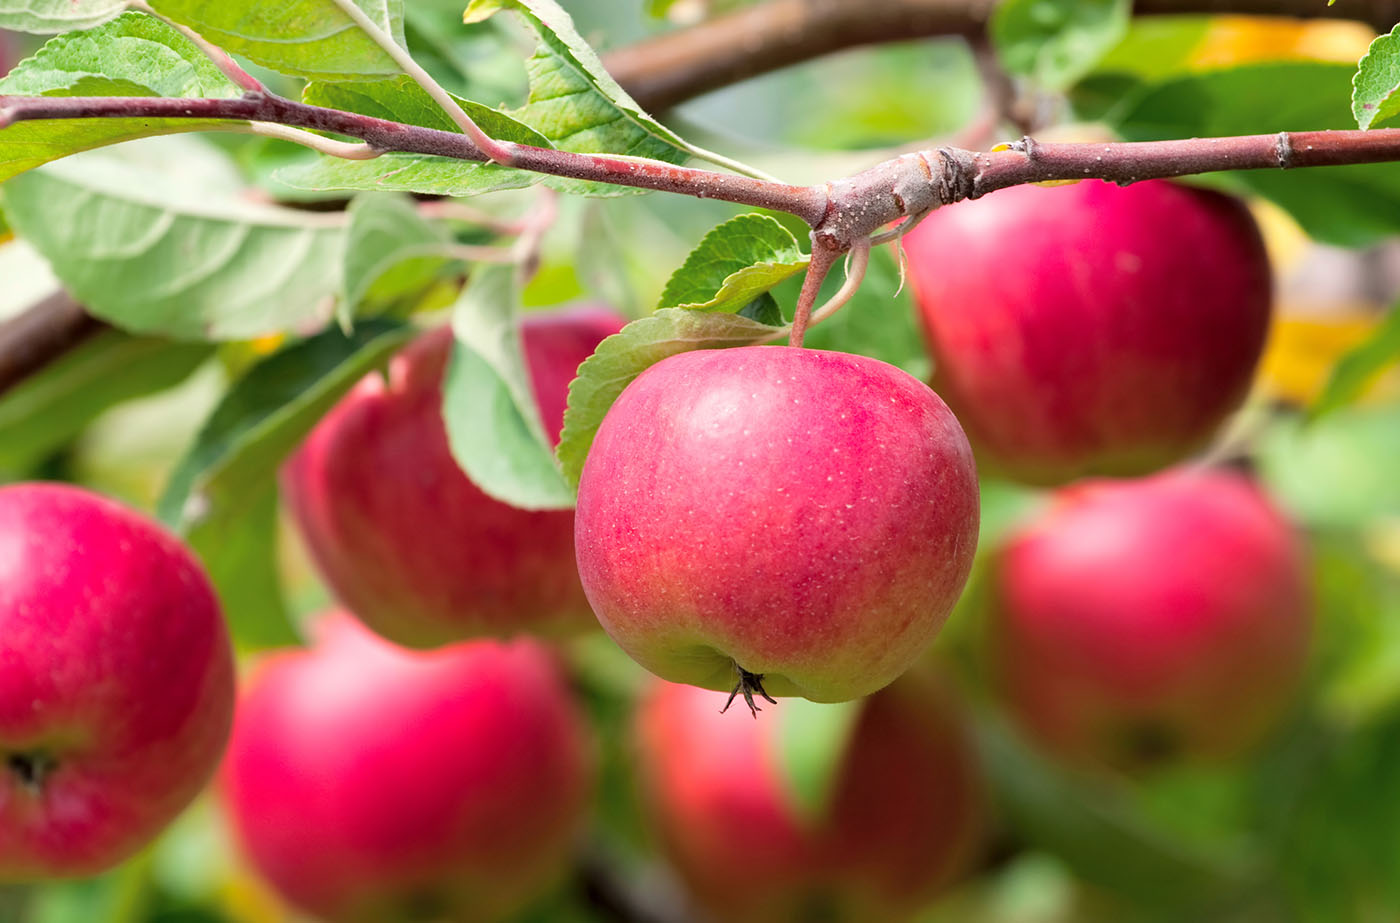 Æbletræ i haven - 8  af de bedste sorter (Stor guide: Køb og pasning)